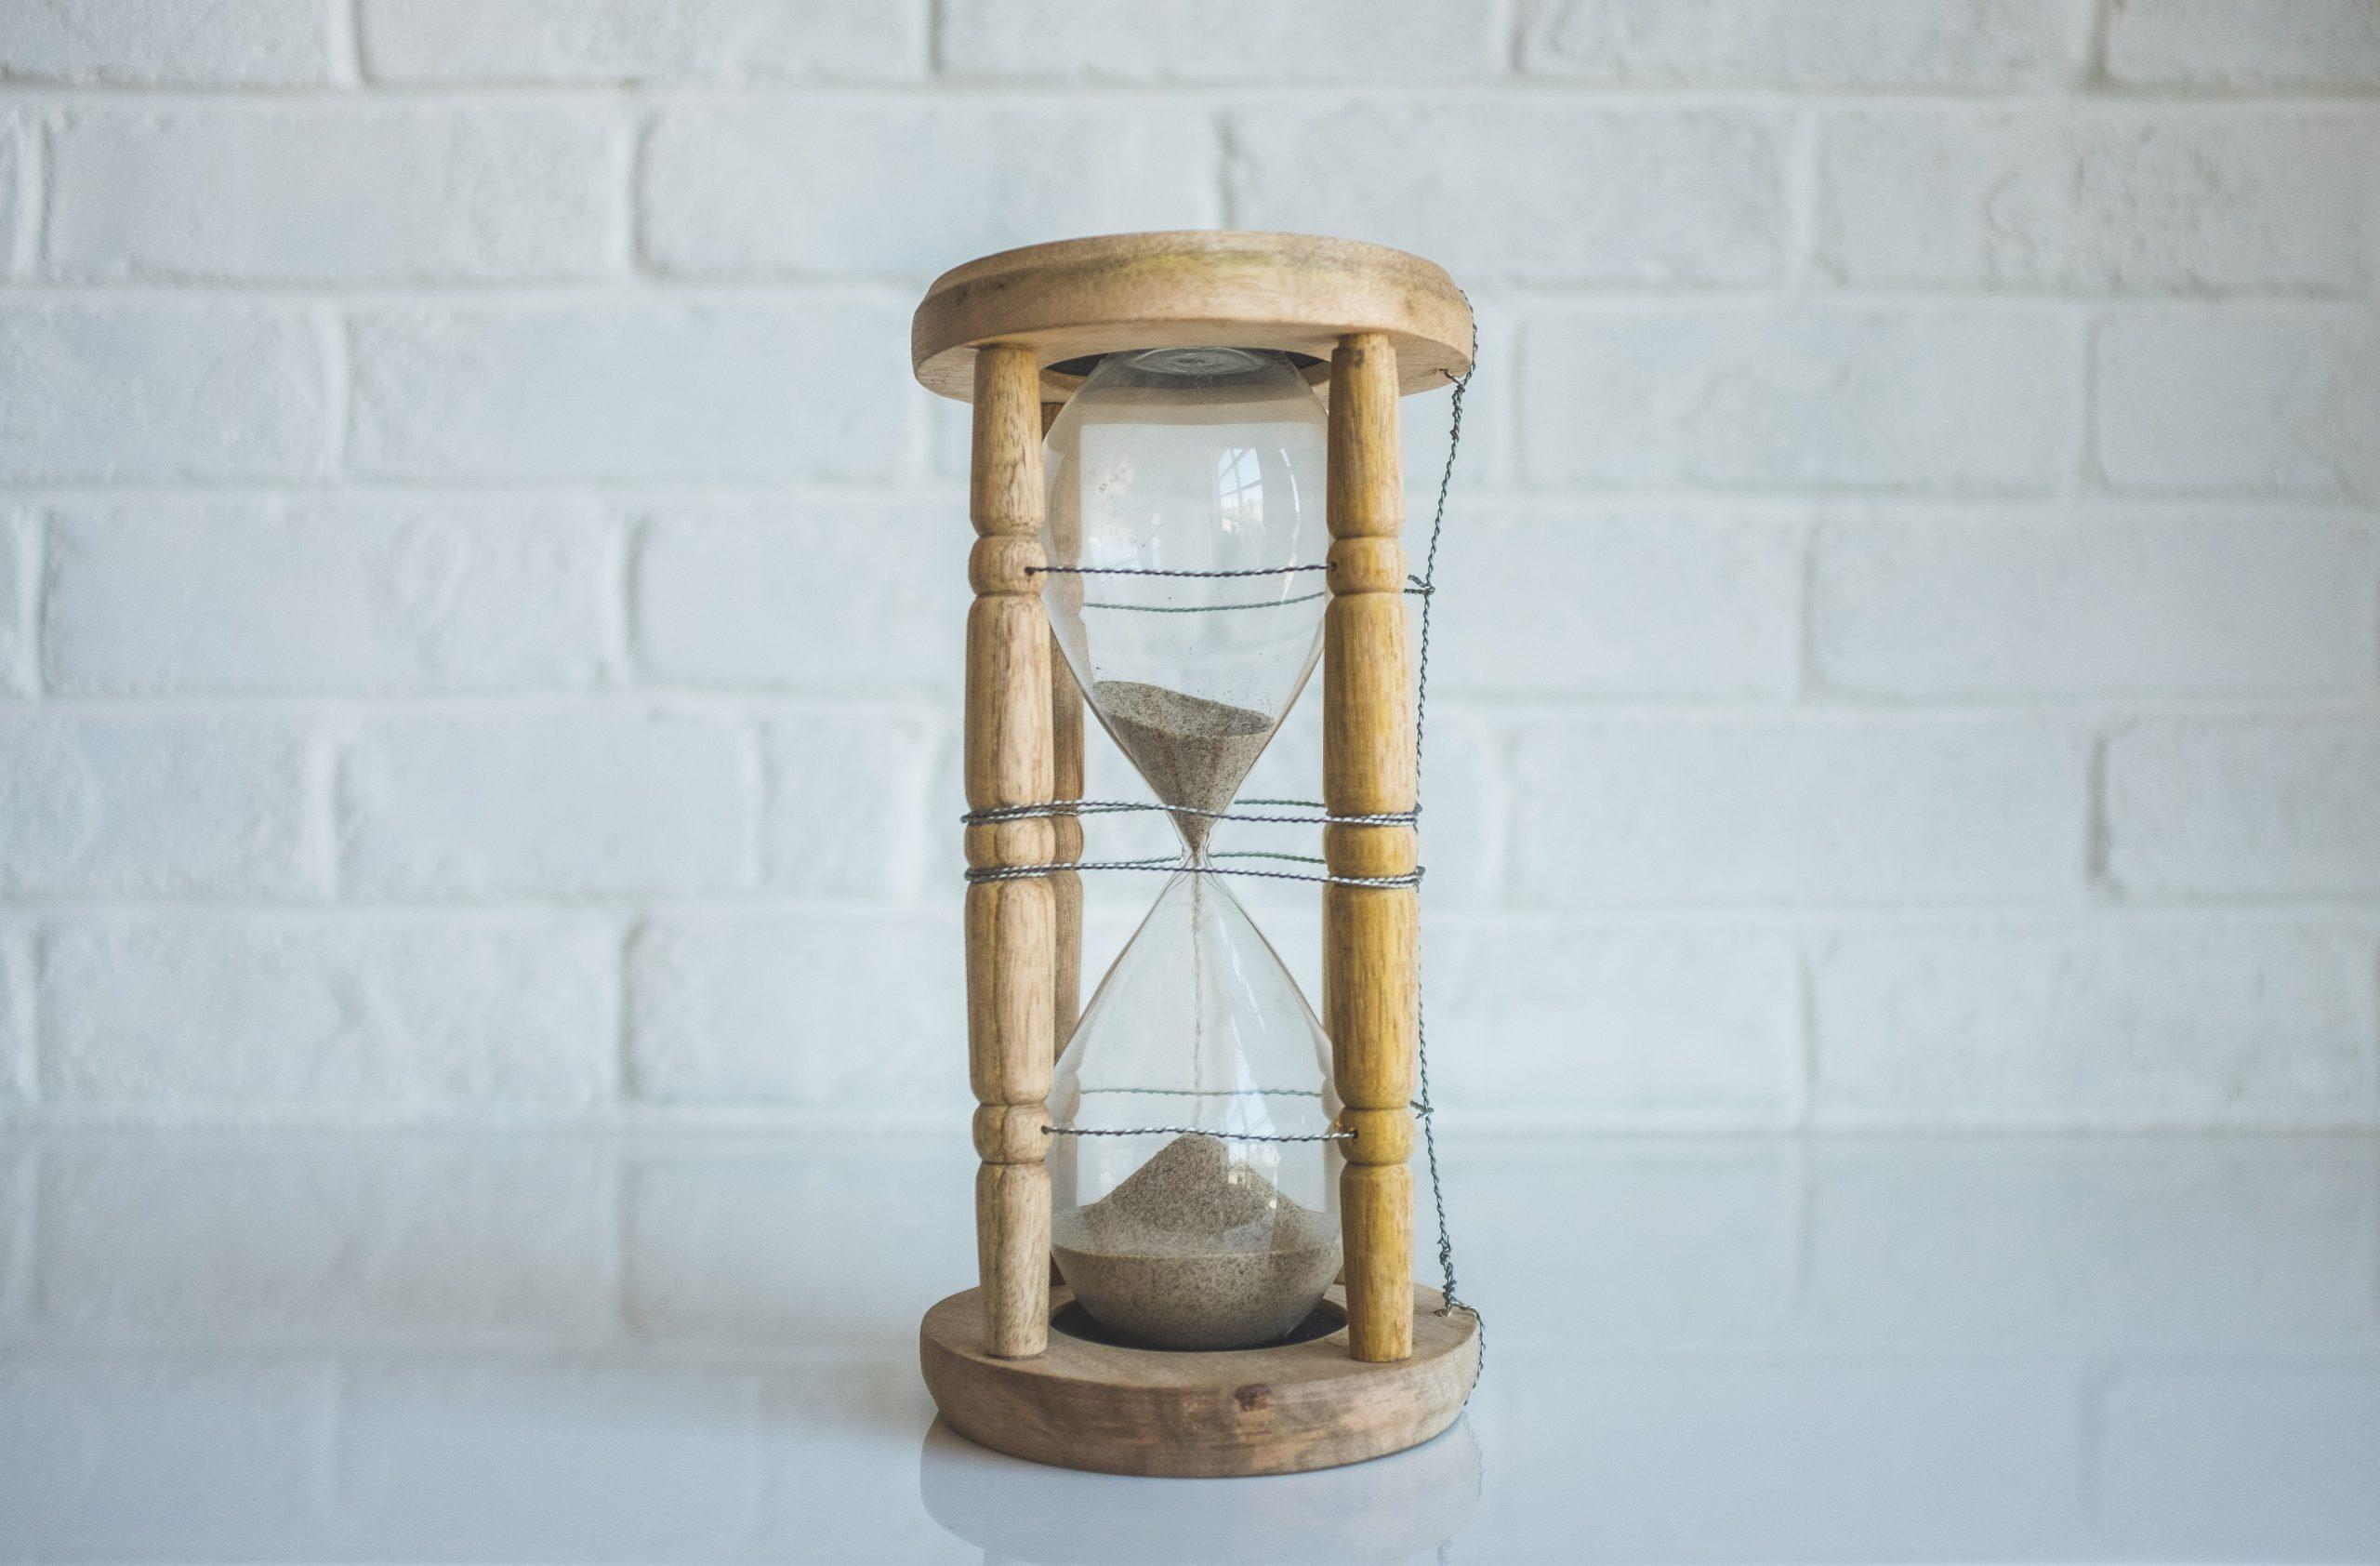 不動産の営業を辞めたい理由5:自分の時間を大切にしたい